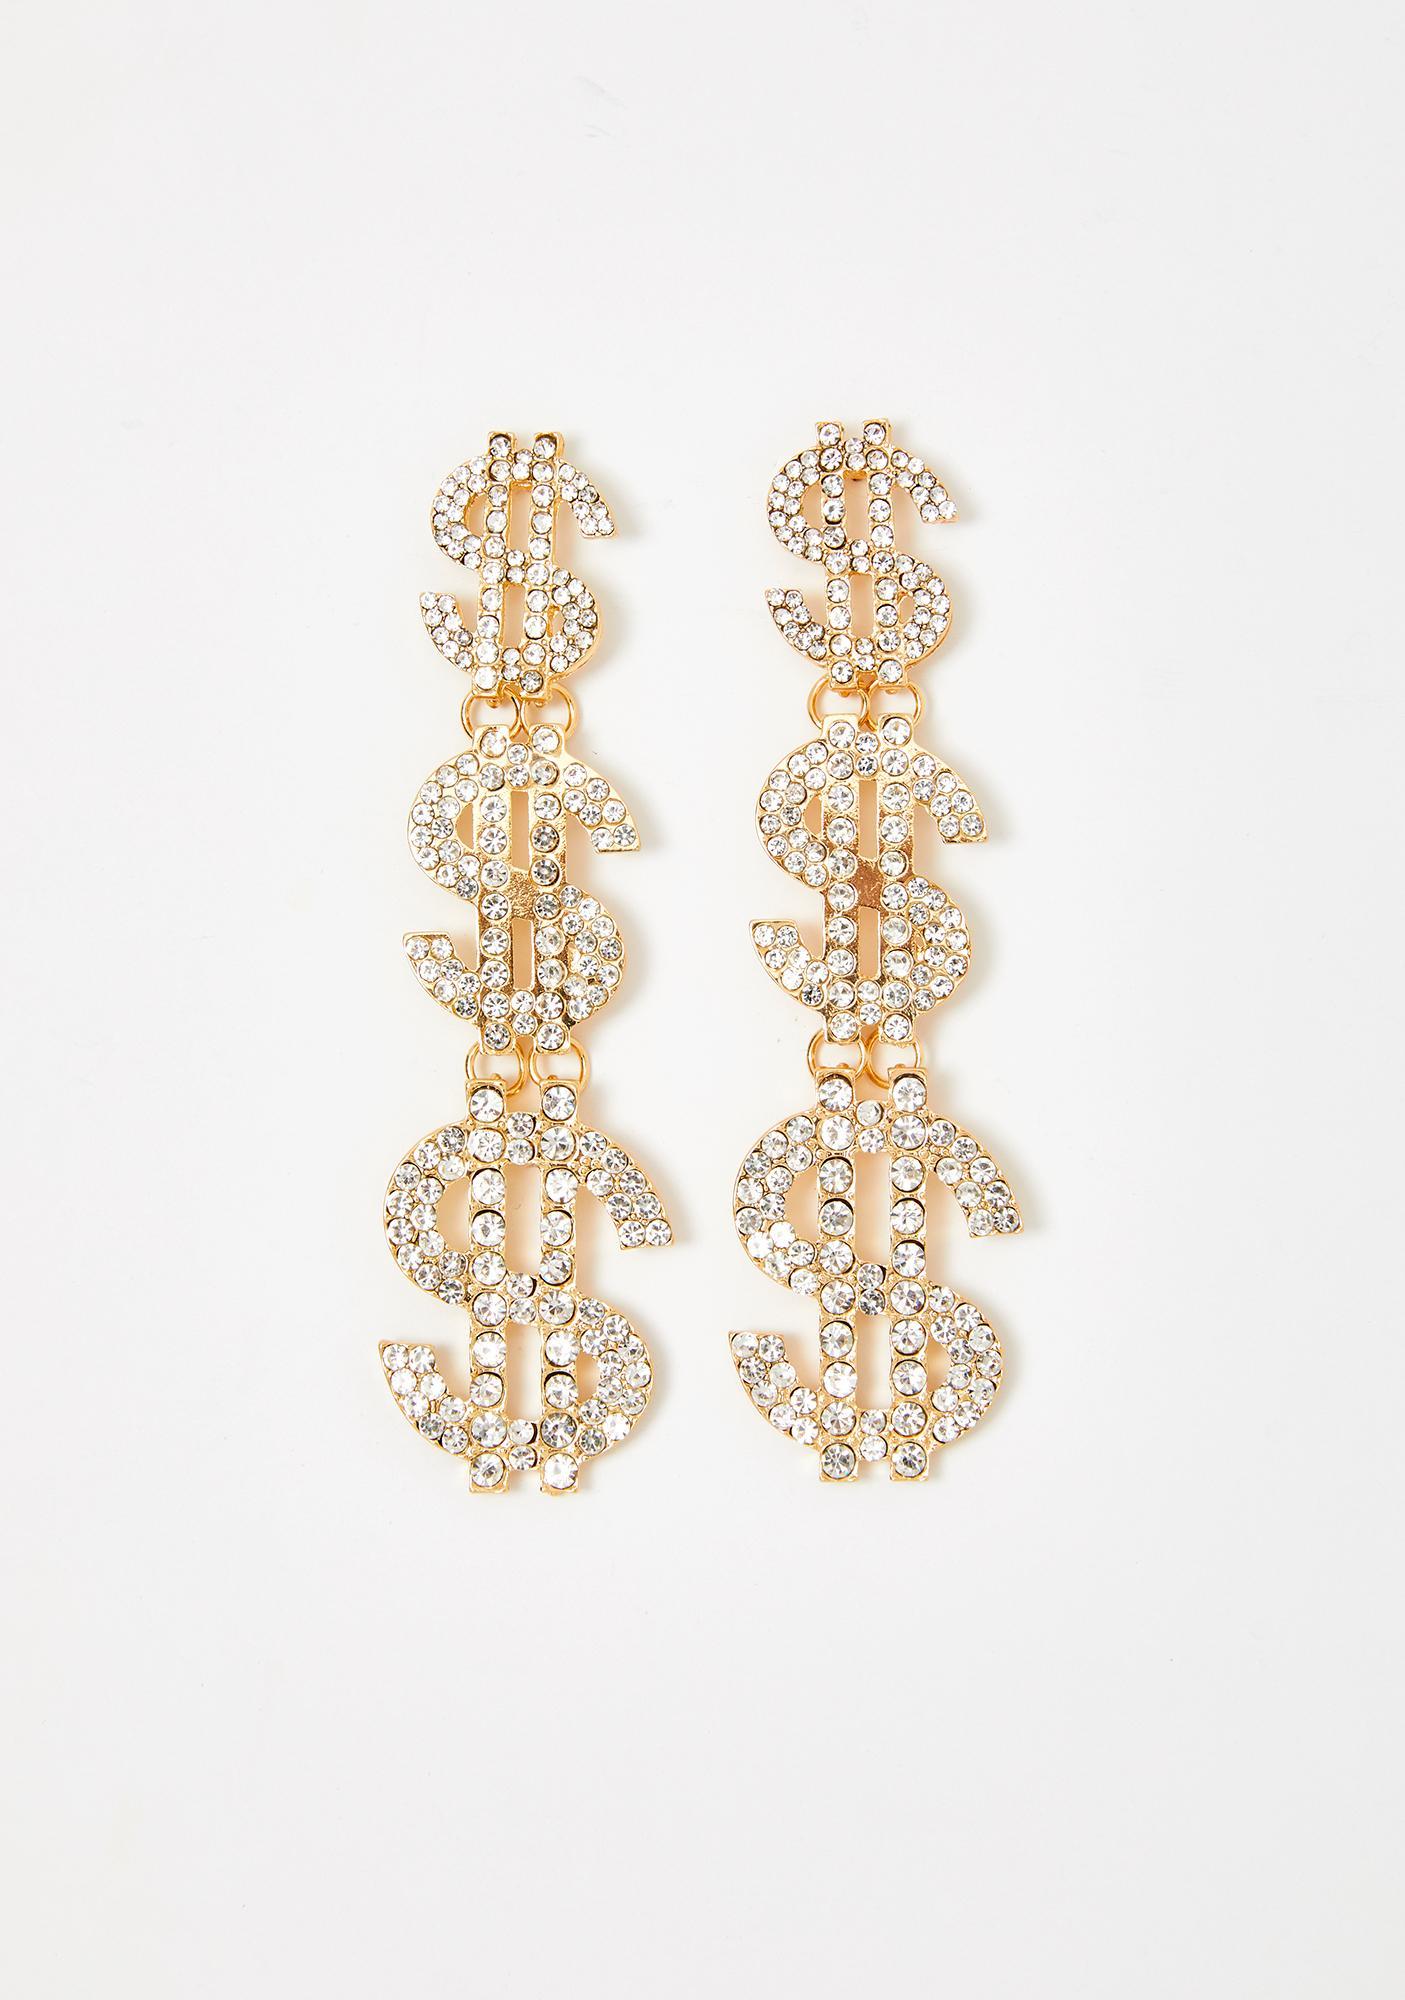 Cash Flow Rhinestone Earrings